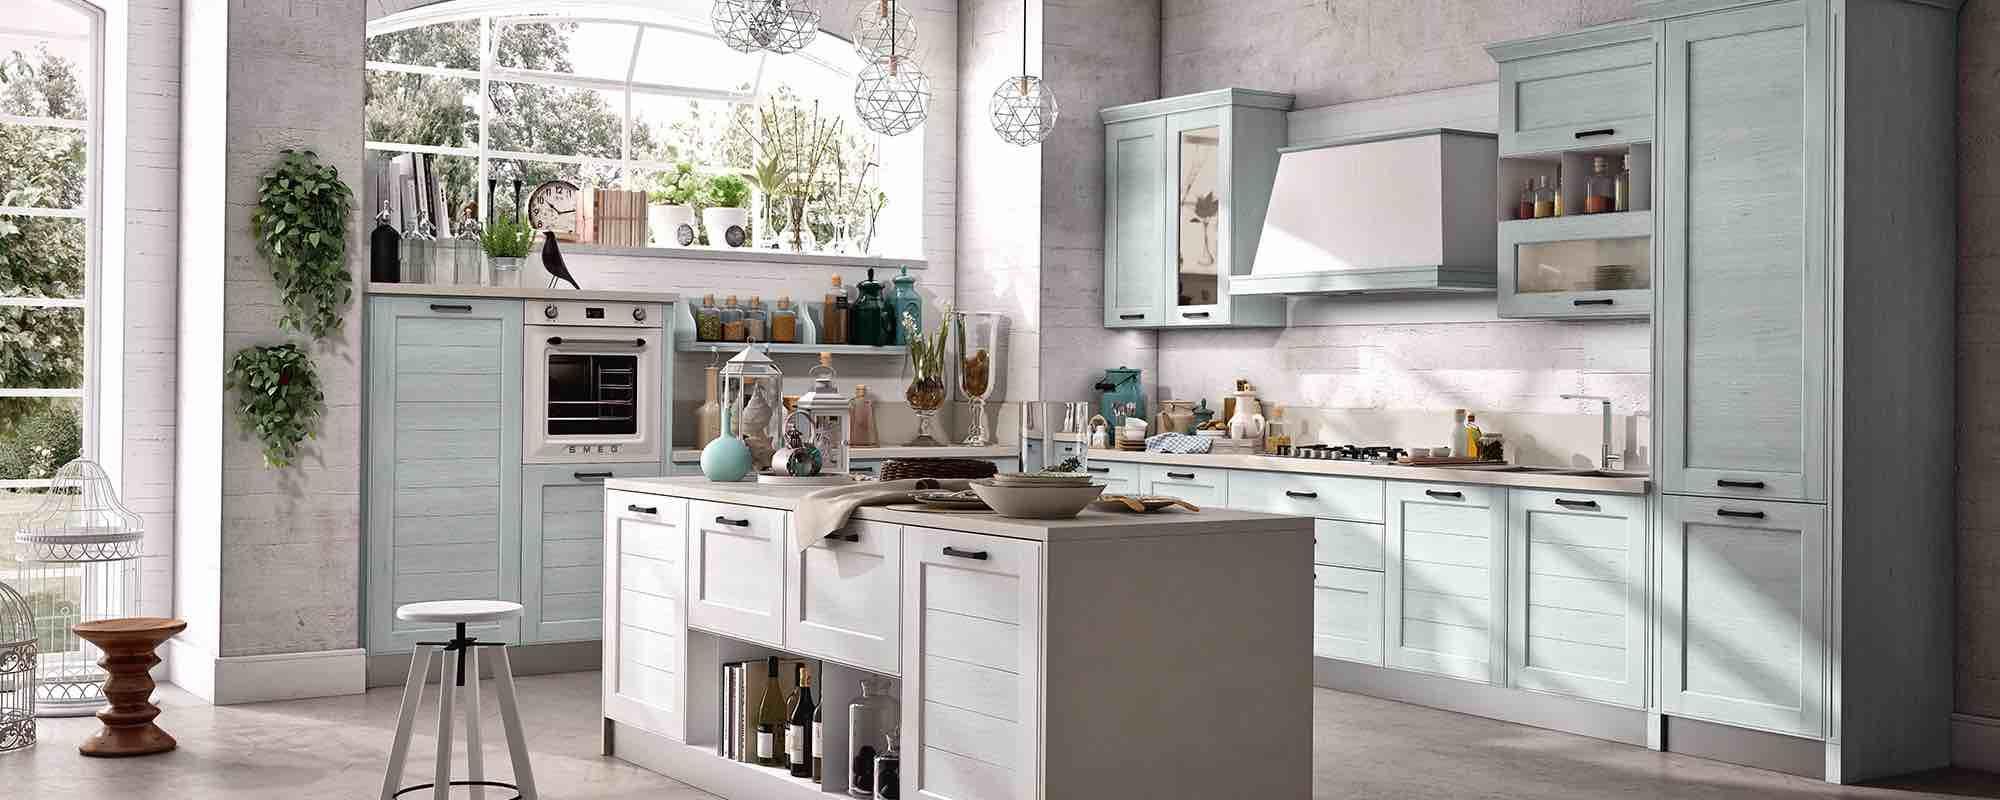 cucine moderne contemporanee stosa - modello cucina york 08 | Cucina ...